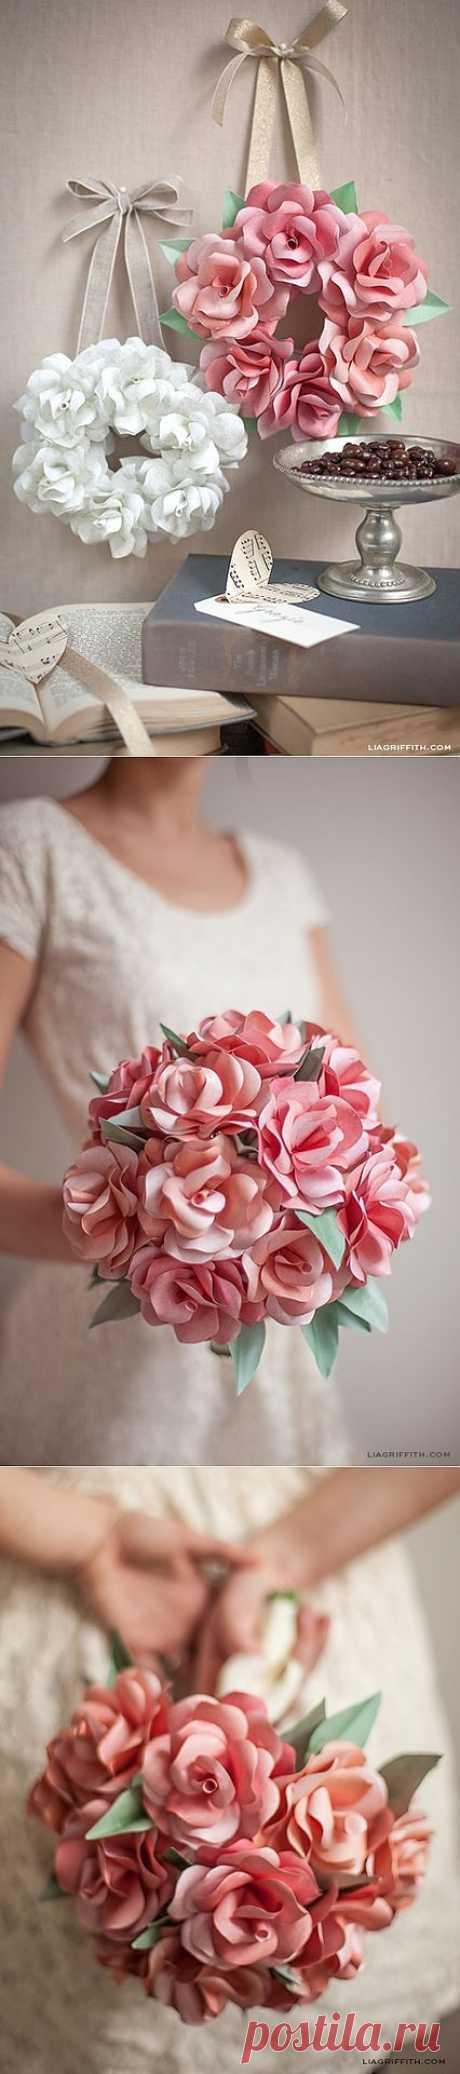 Венки и свадебные букеты из бумажных розочек. Шаблоны